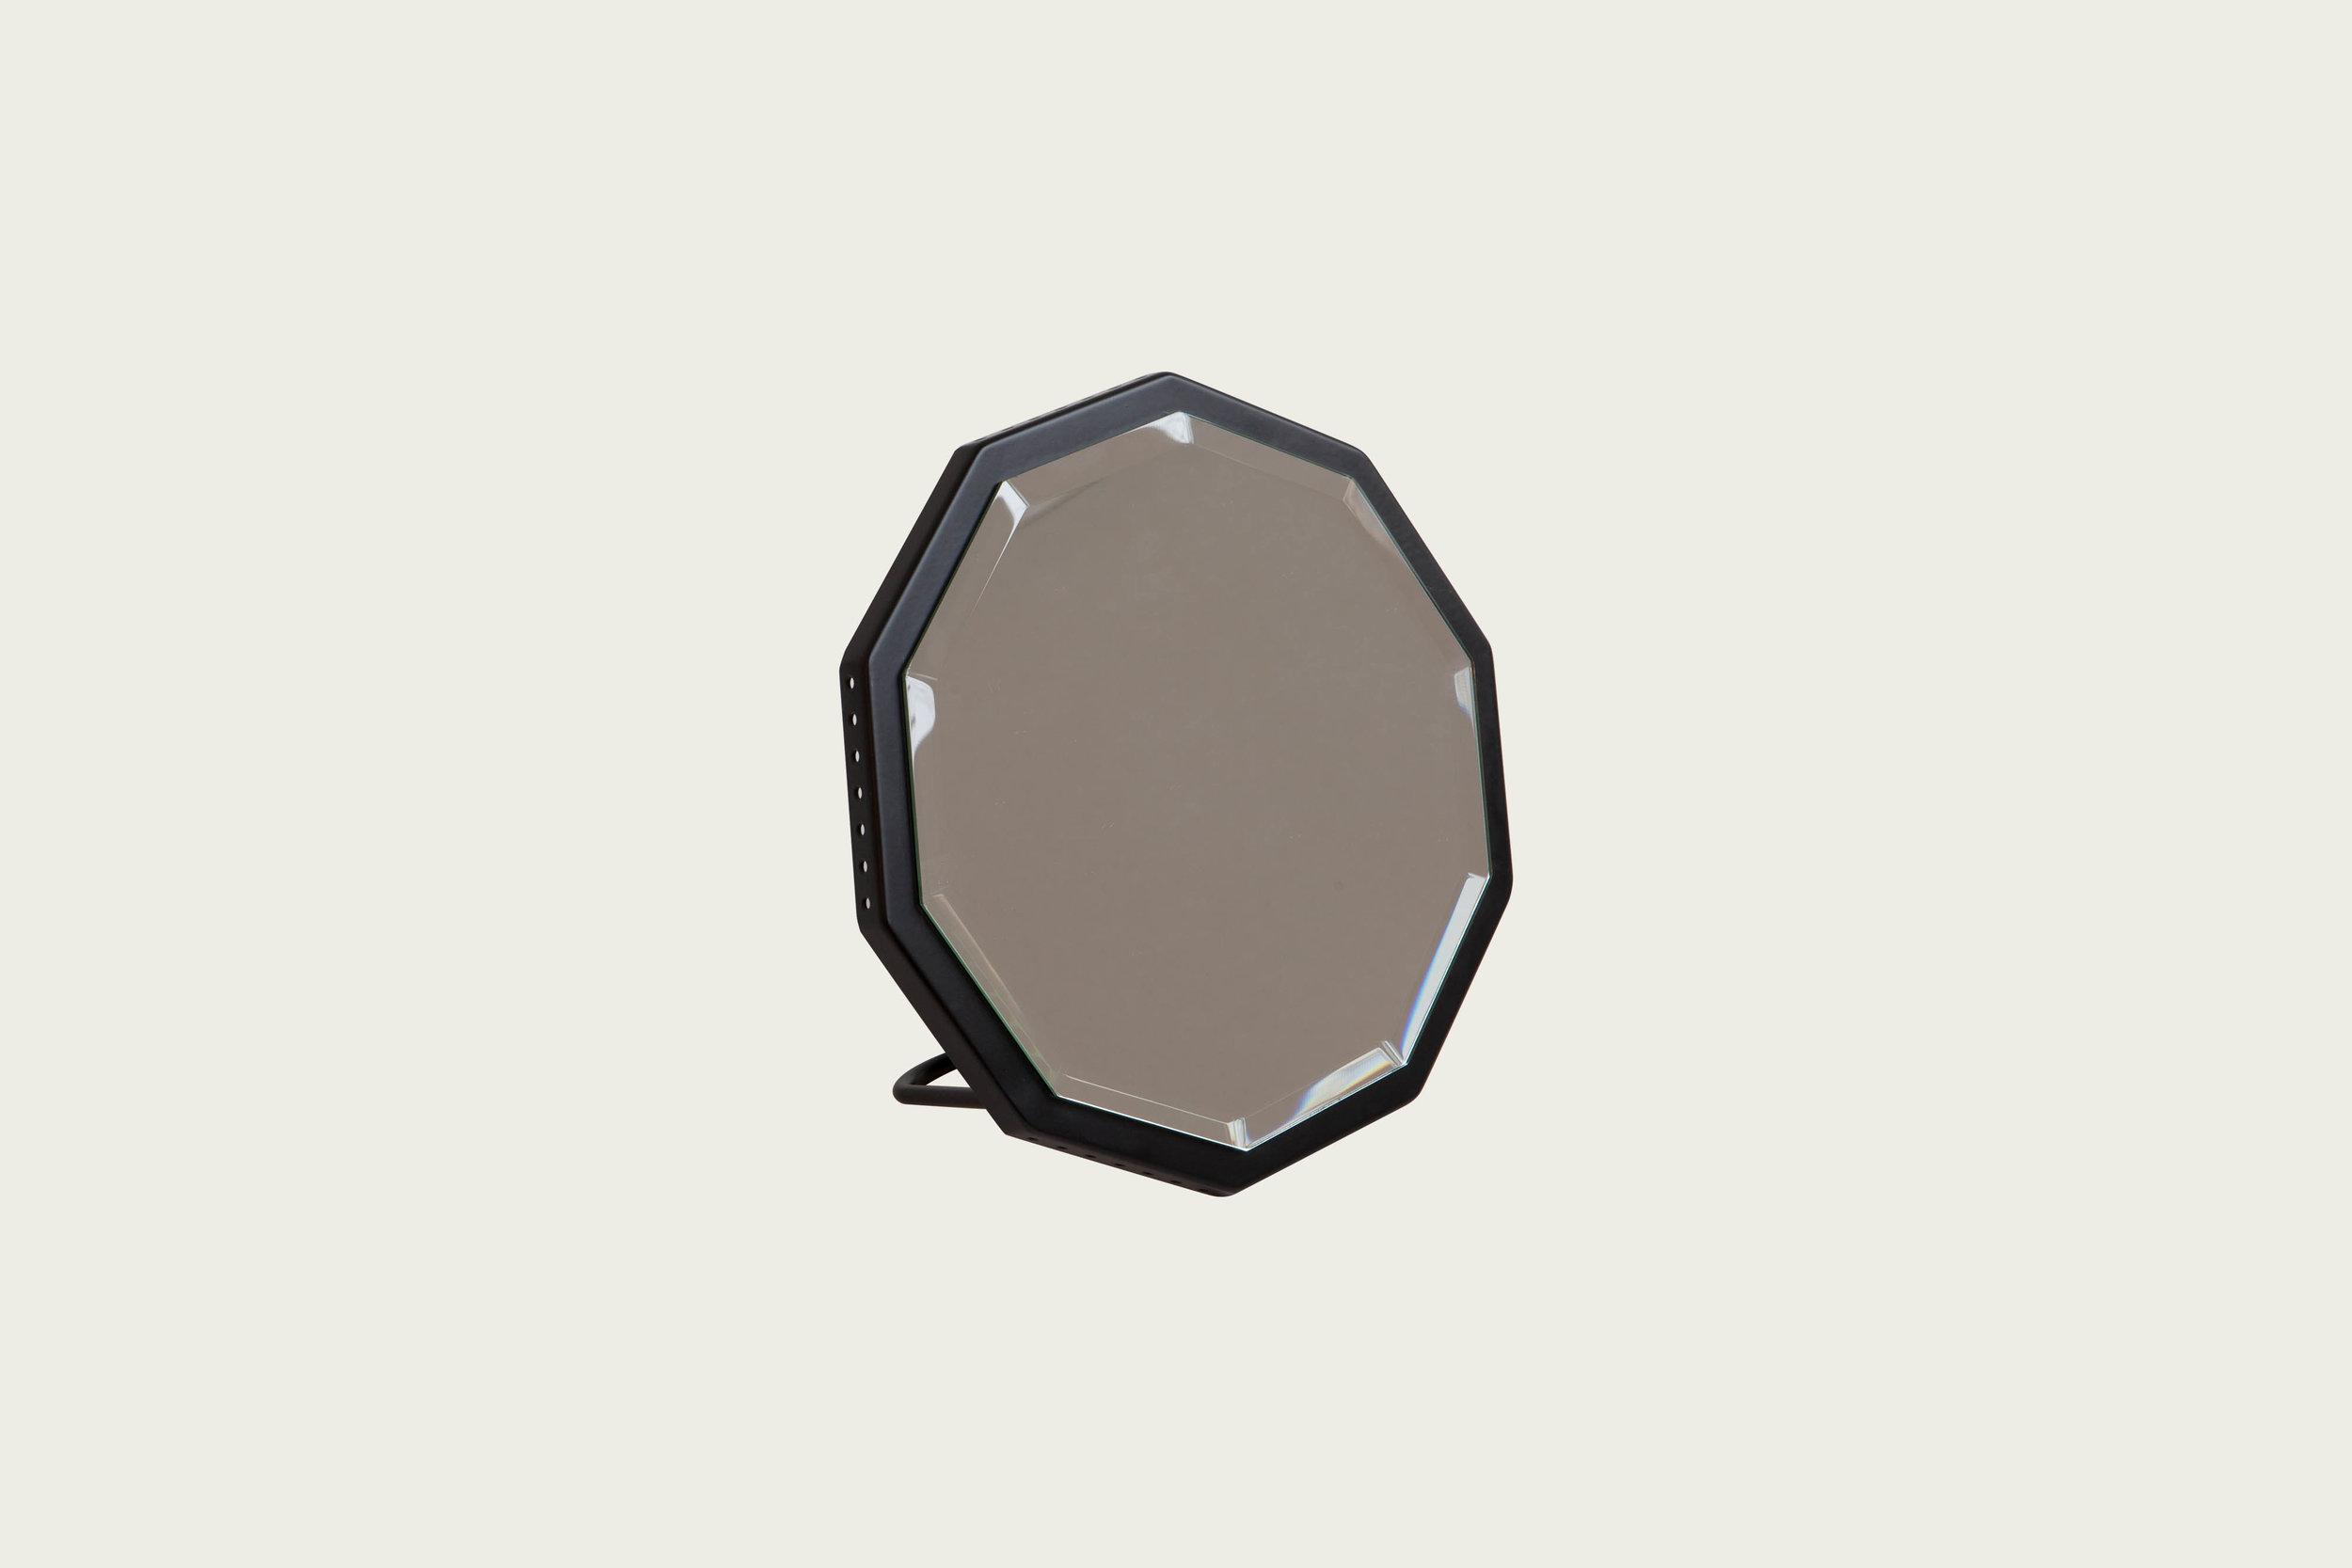 191111_1_PETIT table mirror_Black_Highres (1) kopier.jpg